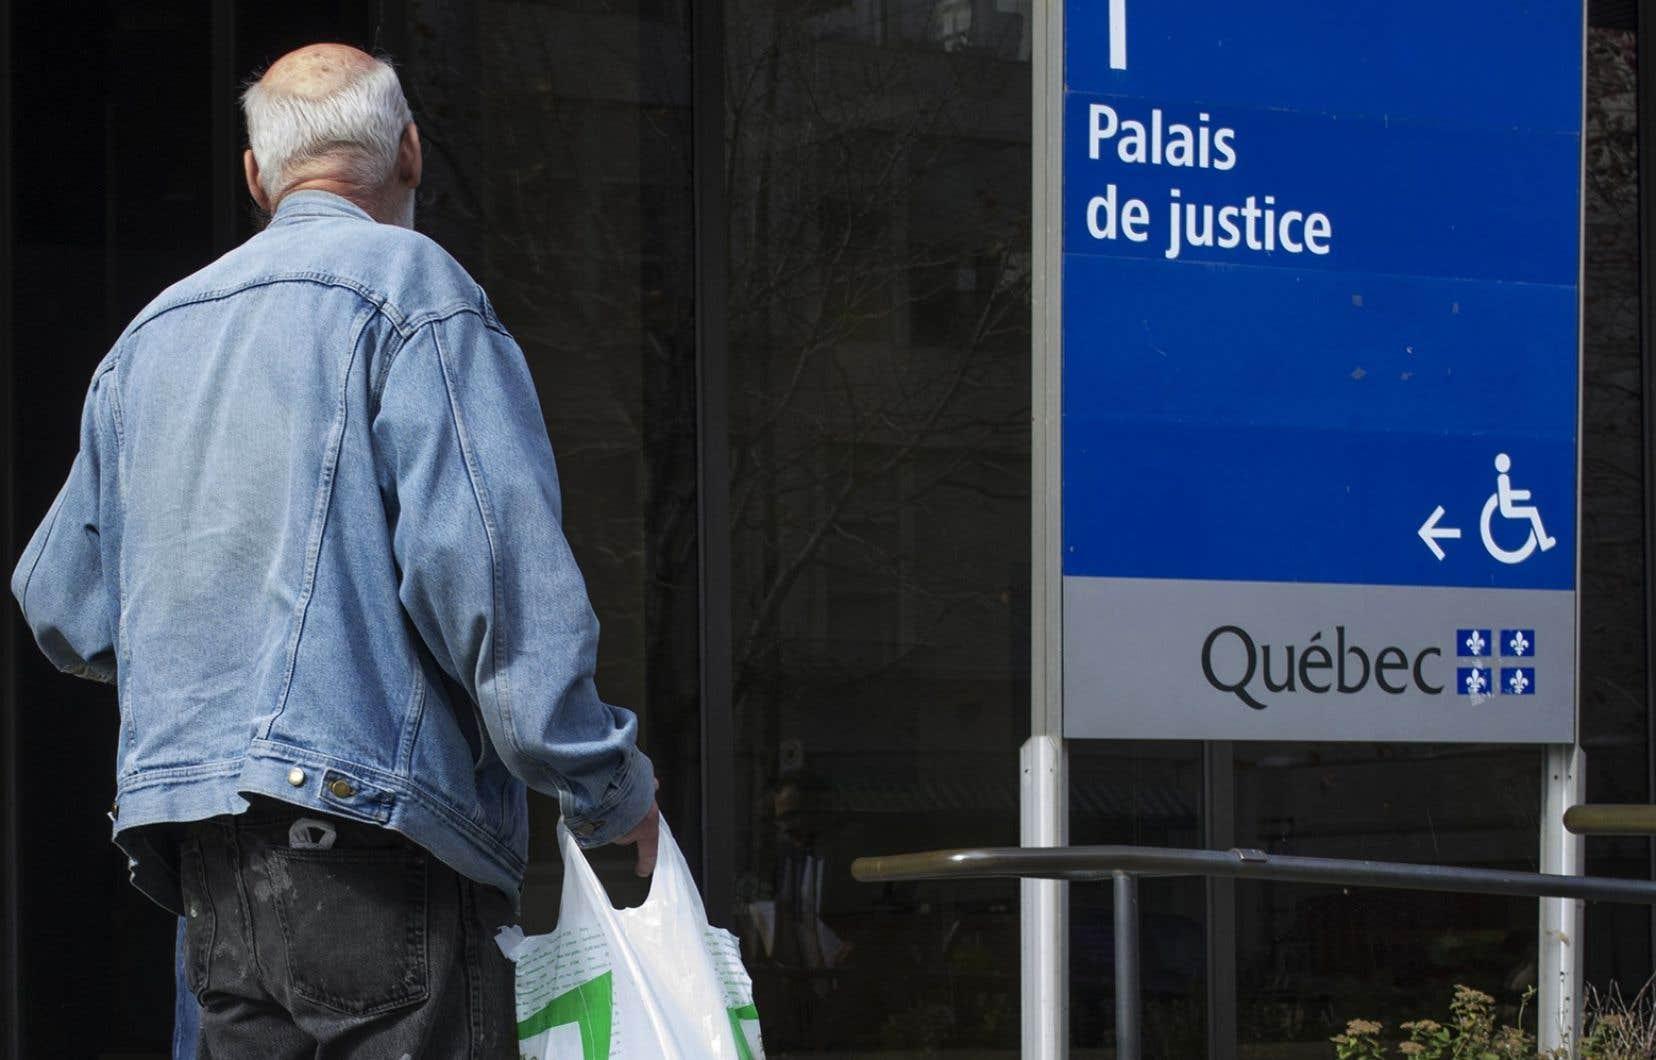 Le juge de la Cour supérieure a rejeté l'argument des requérants selon lequel les retraités subiraient un préjudice irréparable si l'injonction n'était pas accordée.